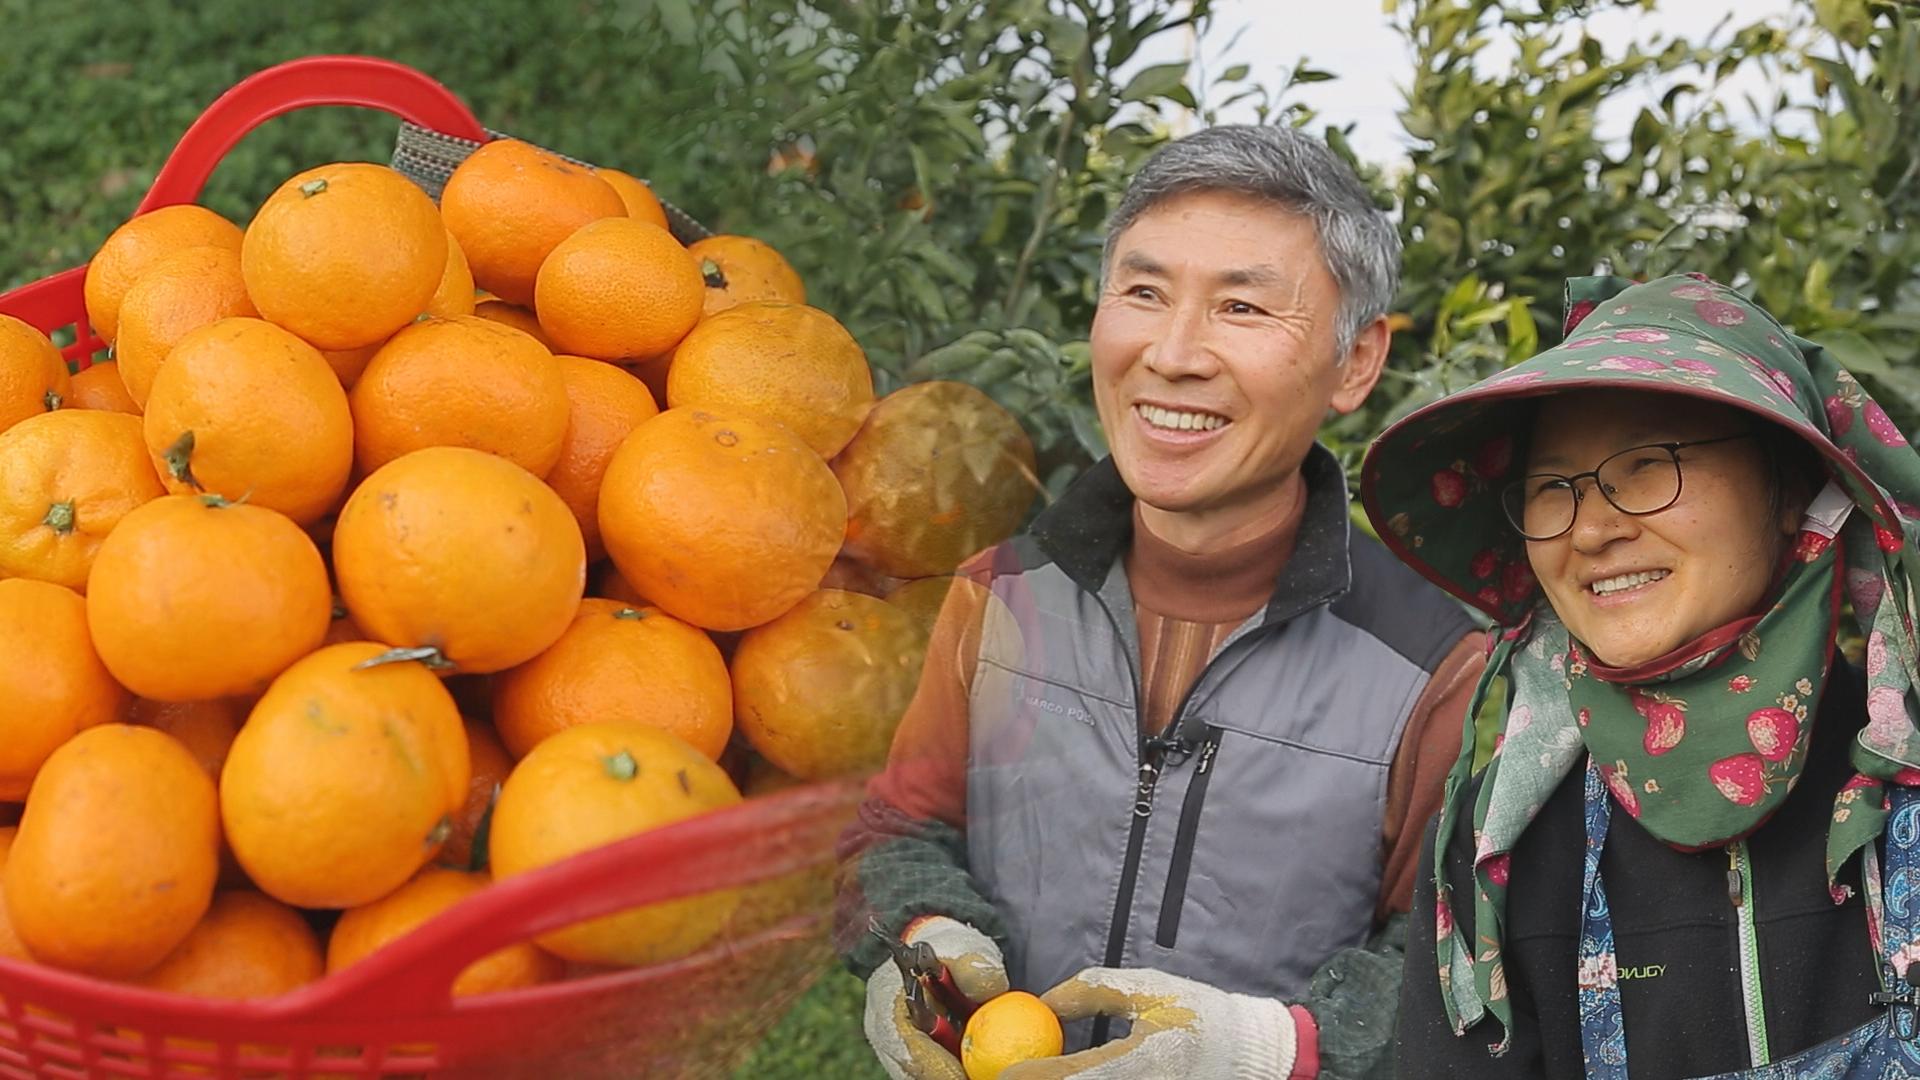 [세 번째 착한 농부 – 제주] 자연 순환 농법으로 키운 유기농 귤 농부 김성오, 박미영 이미지